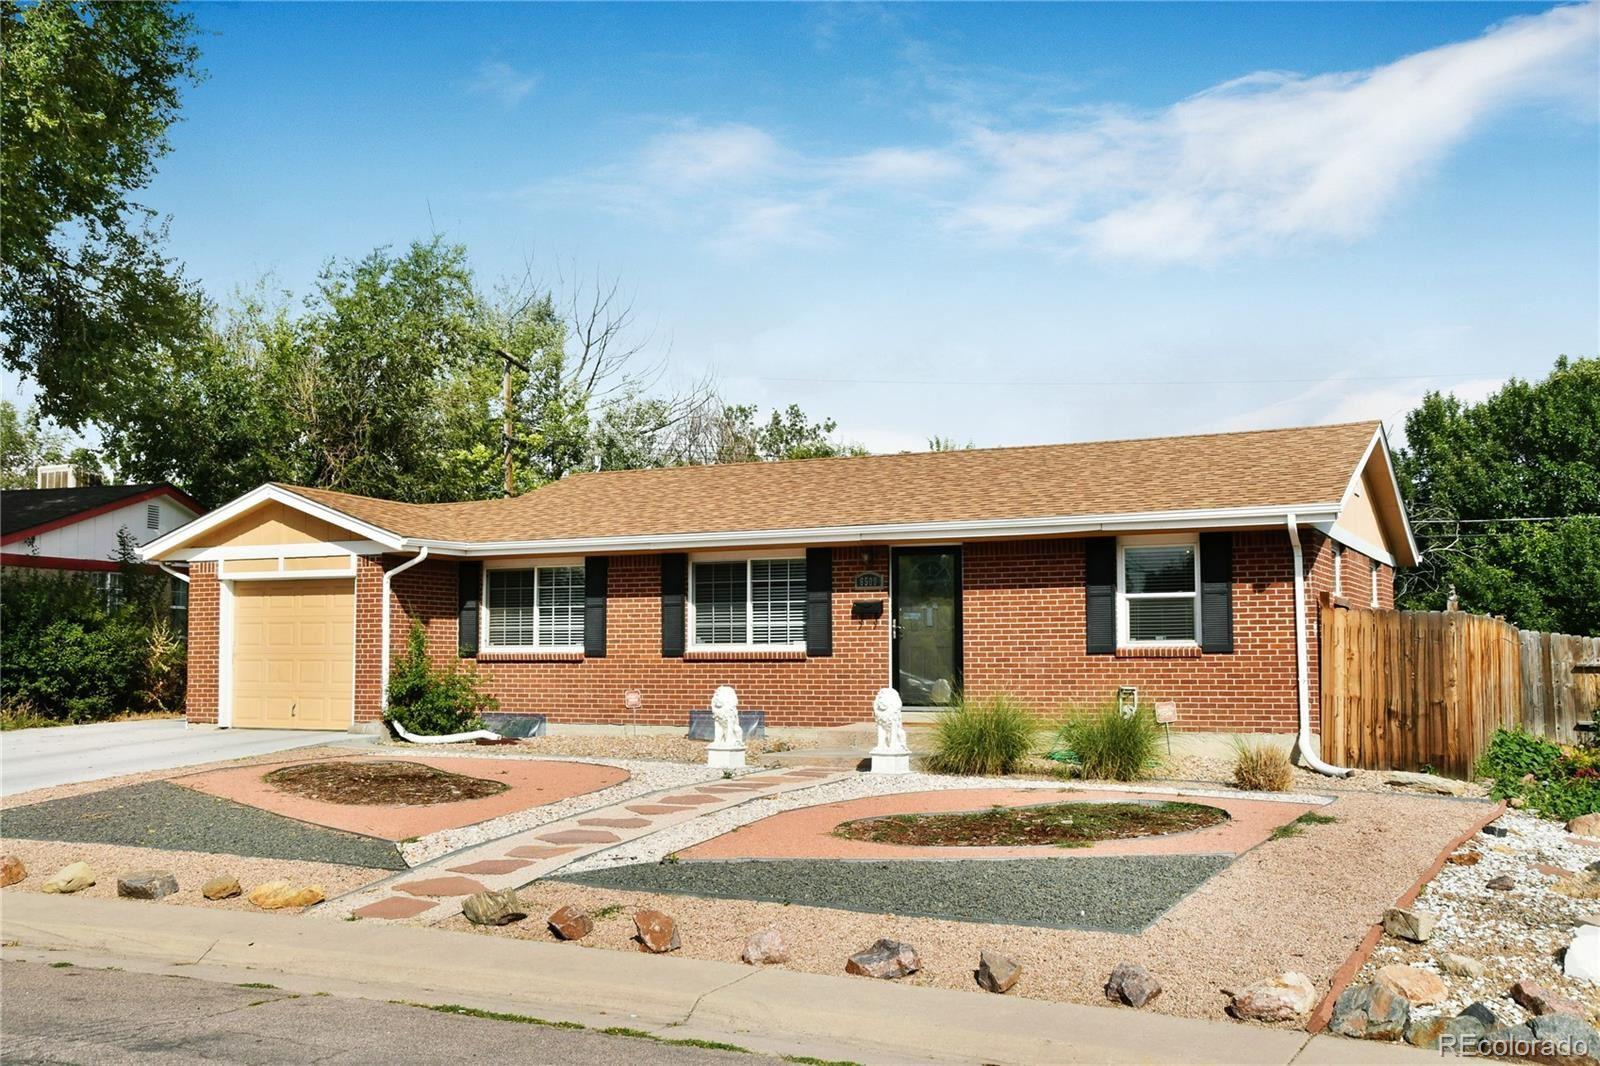 8500 Essex Street, Denver, CO 80229 - #: 9792544